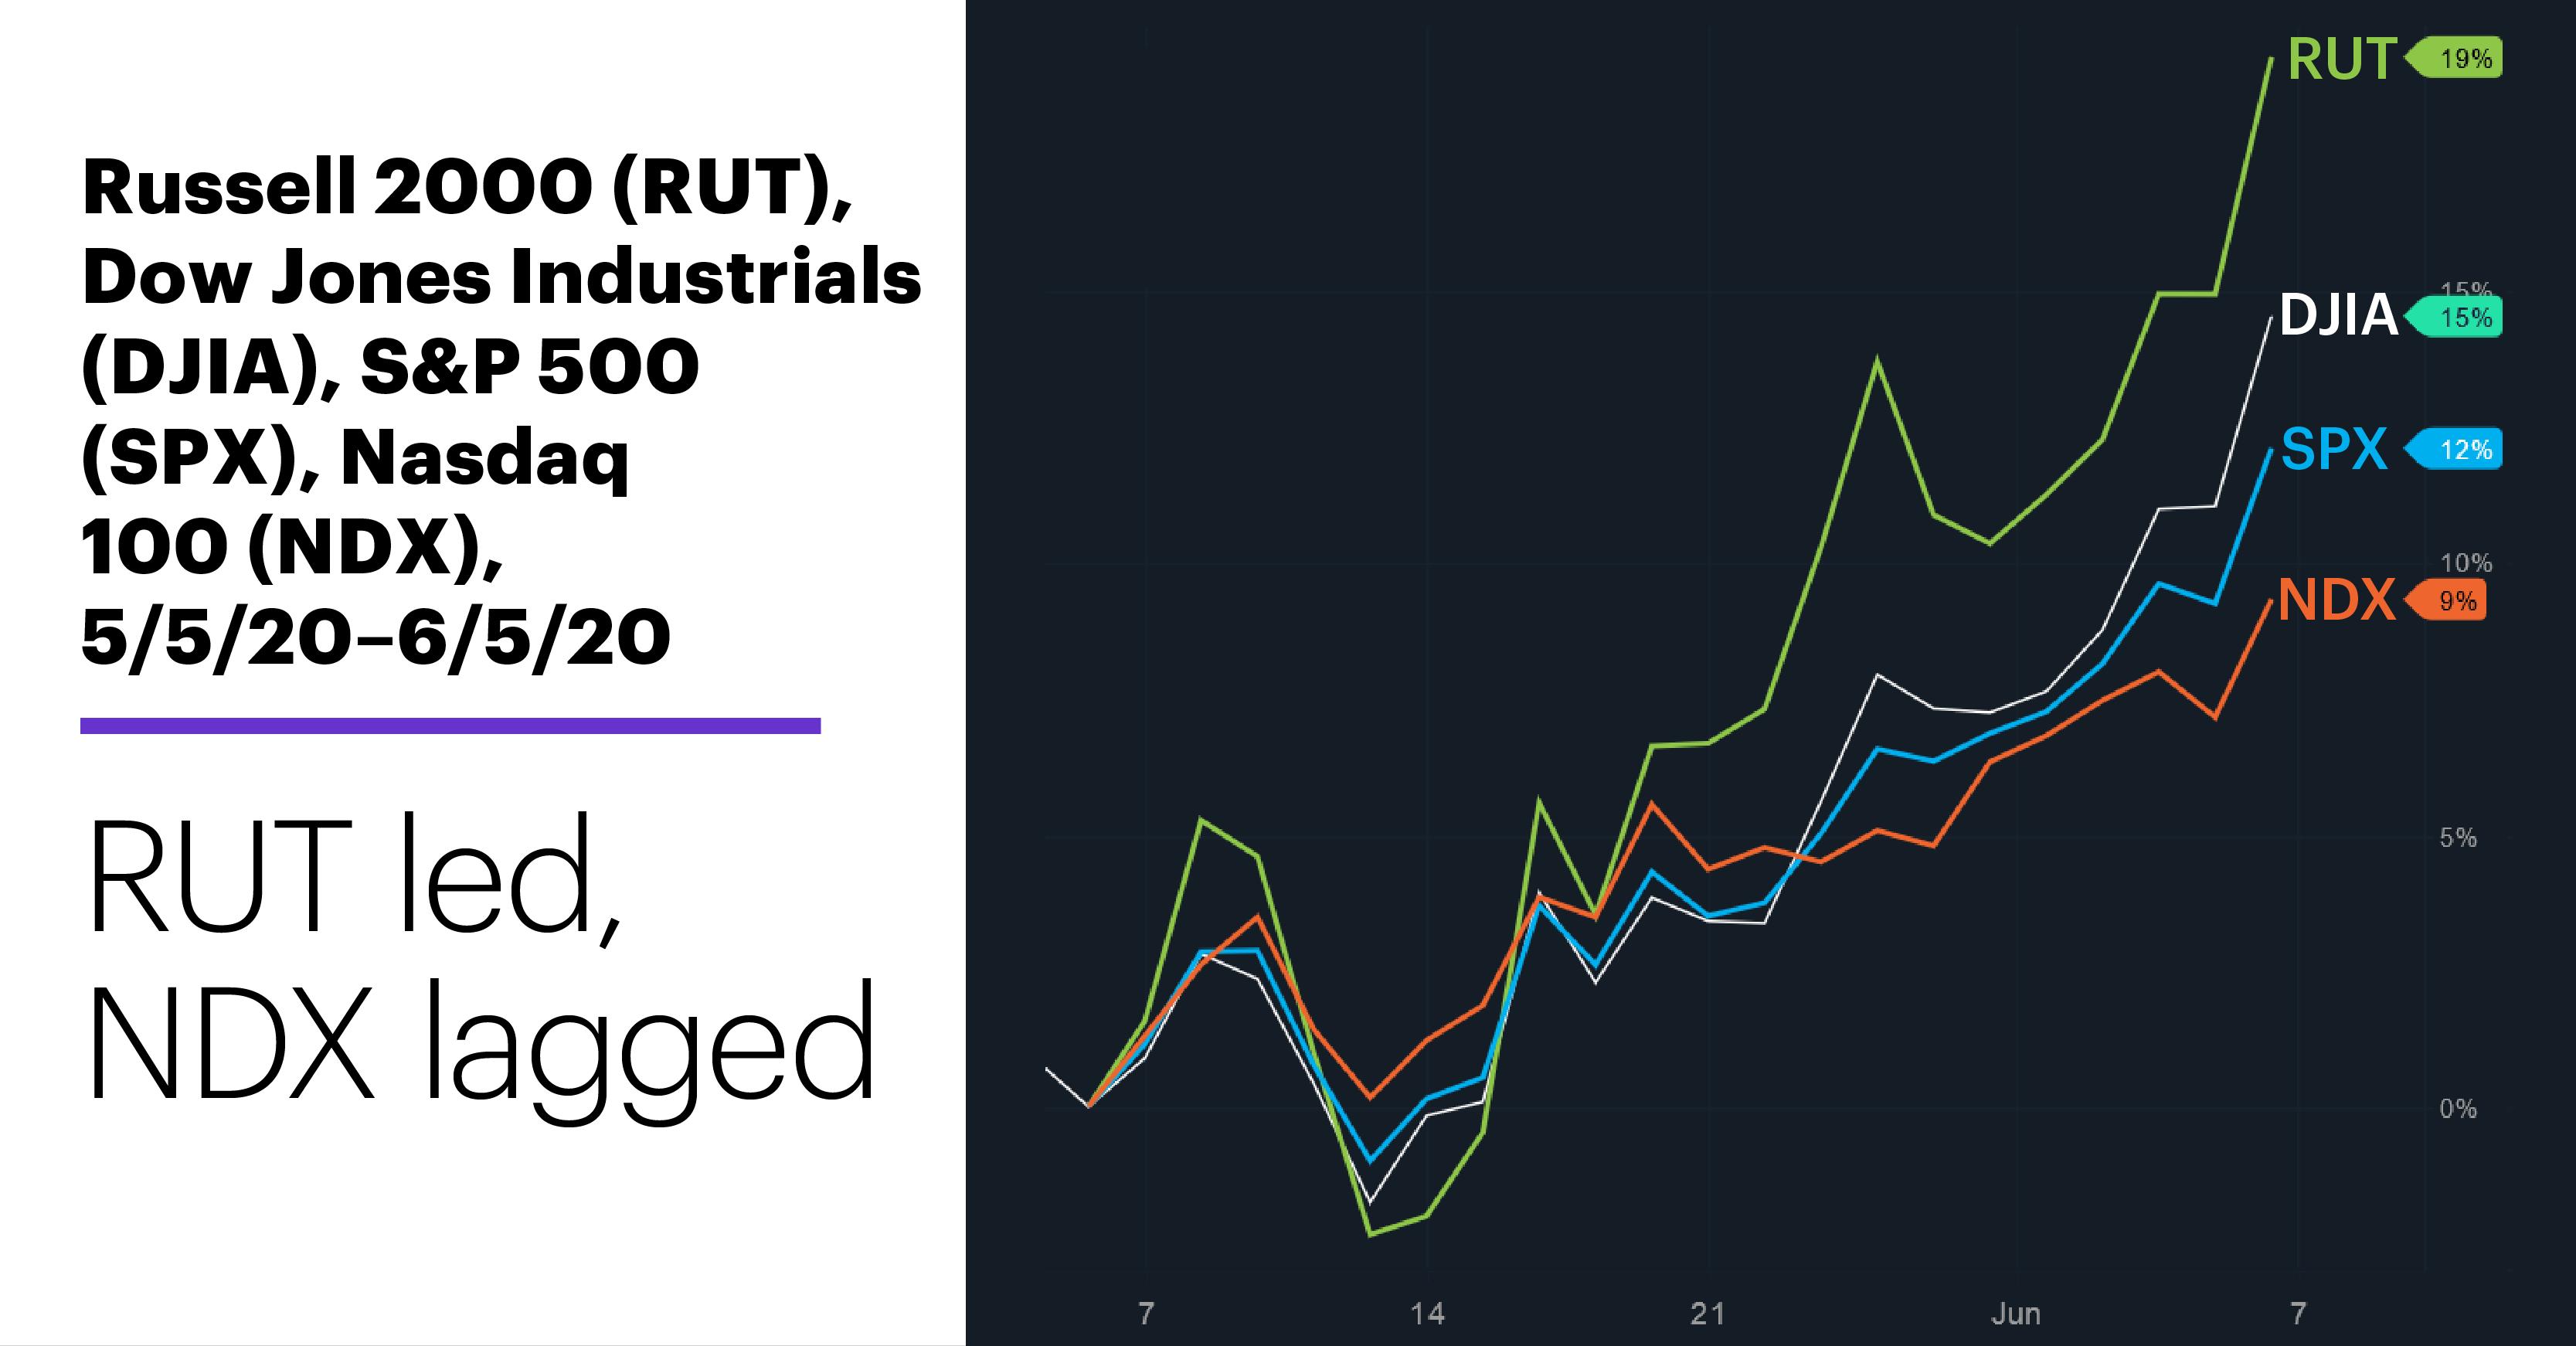 Chart 3: Russell 2000 (RUT), Dow Jones Industrials (DJIA), S&P 500 (SPX), Nasdaq 100 (NDX), 5/5/20–6/5/20. RUT led, NDX lagged